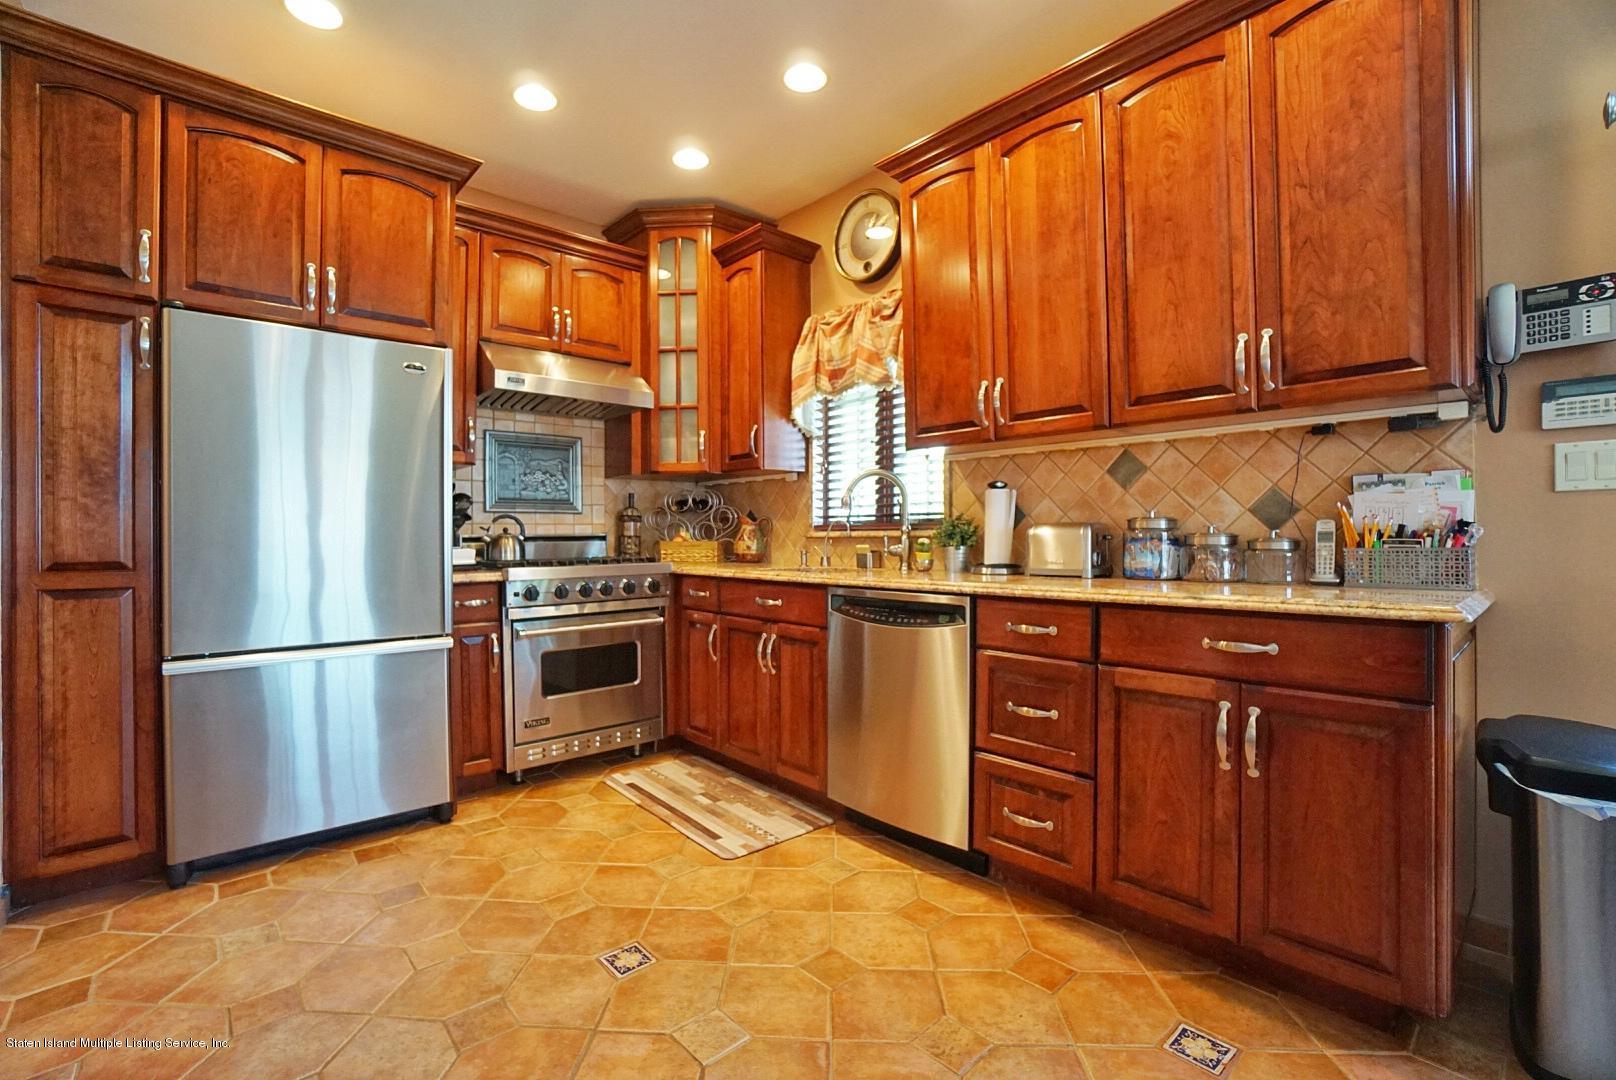 Single Family - Detached 337 Thomas Street  Staten Island, NY 10306, MLS-1129114-26